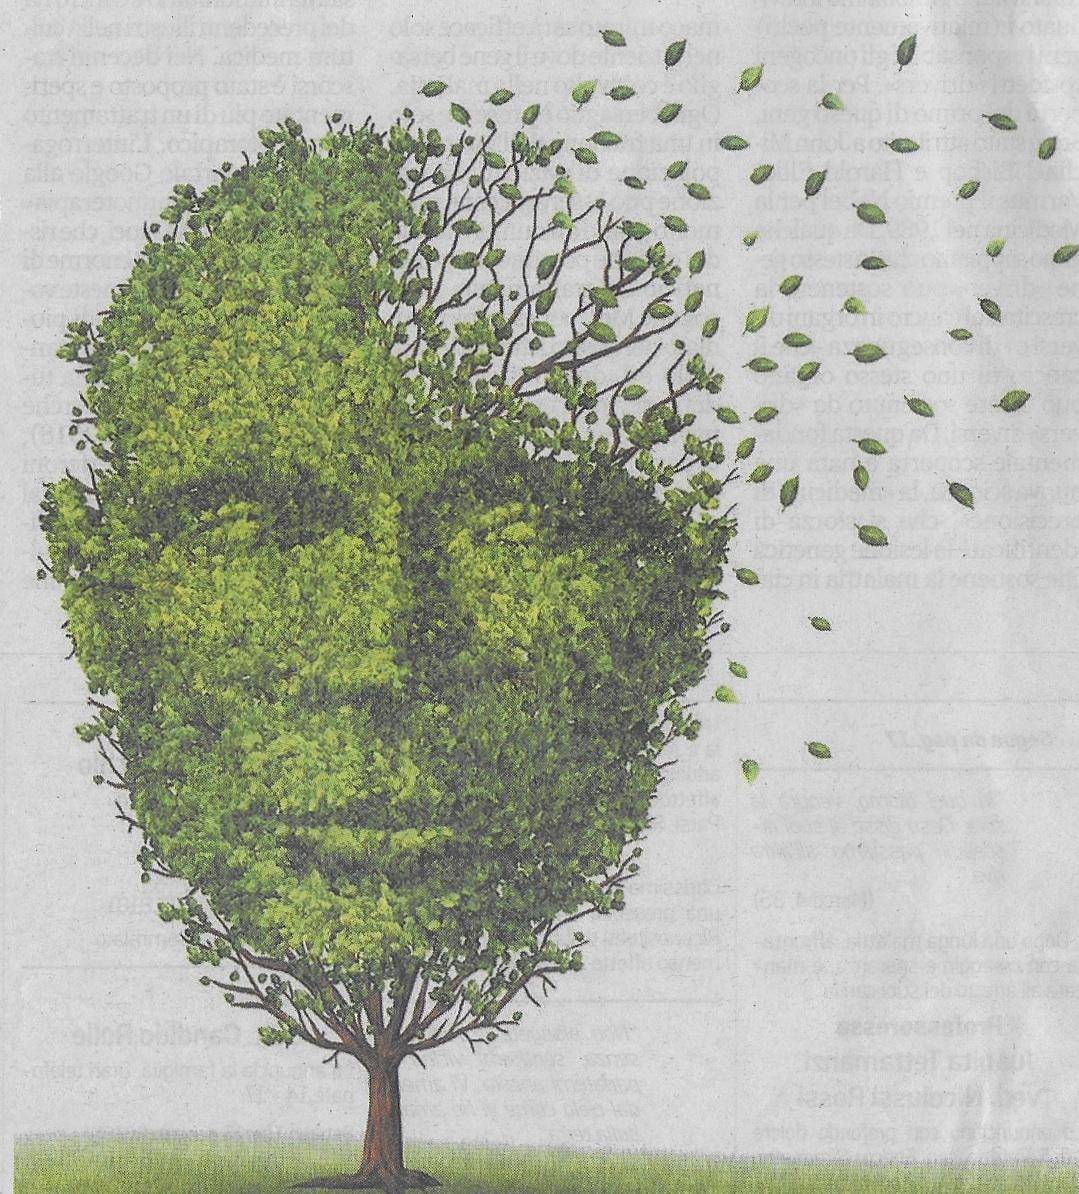 L'albero e l'uomo